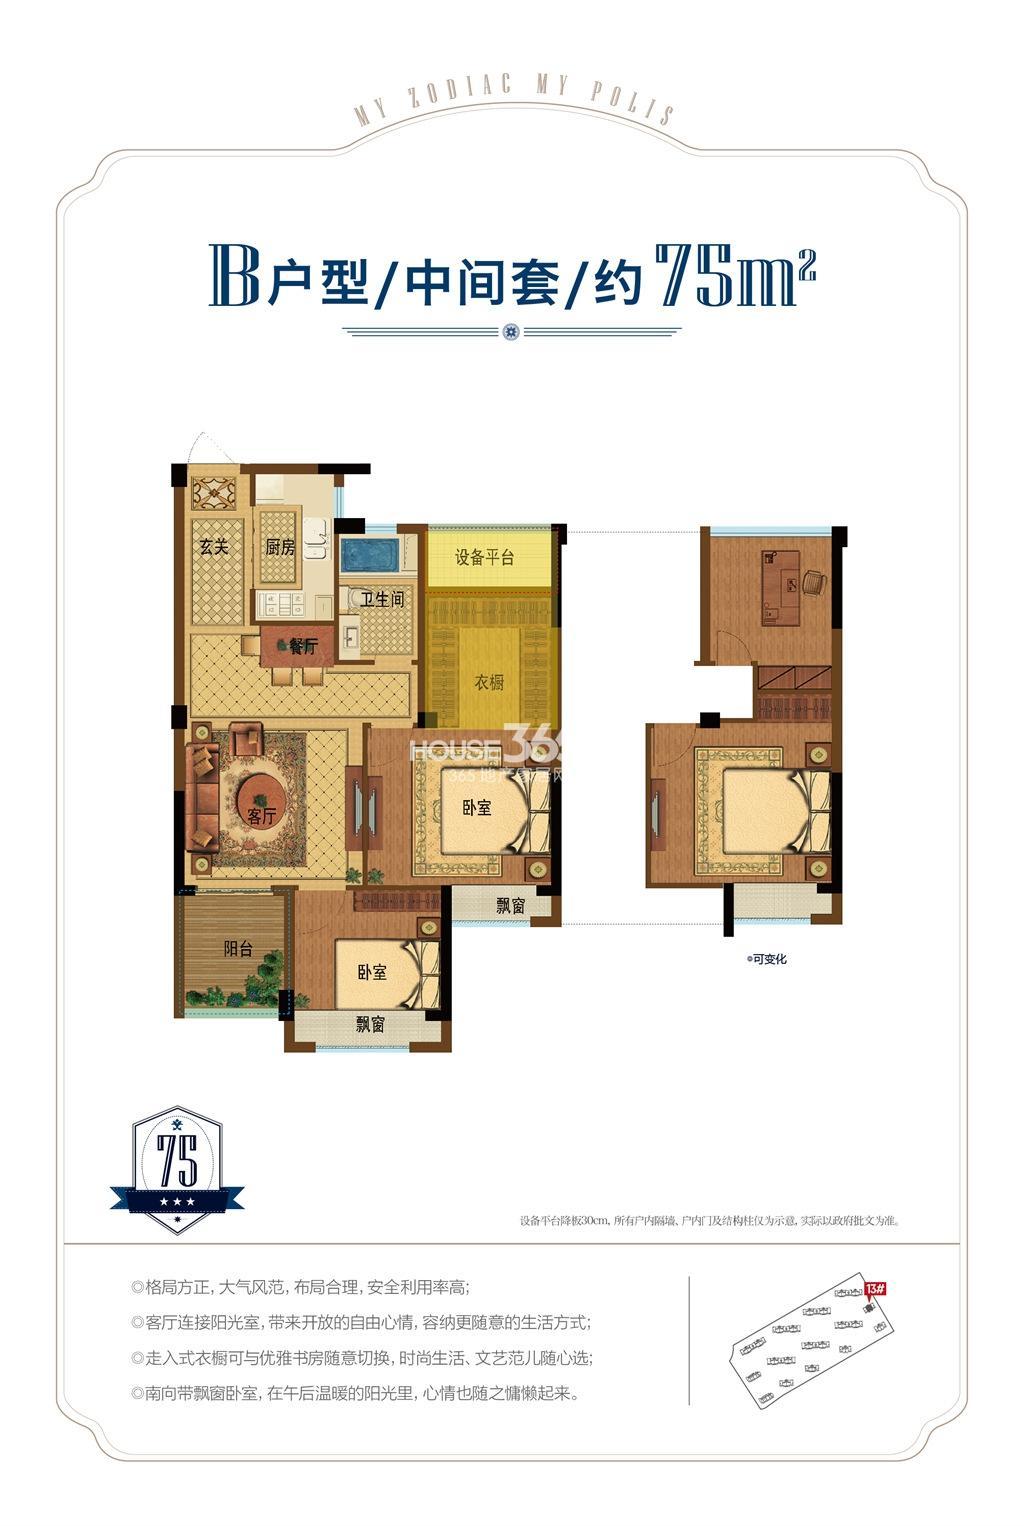 昆盛肖邦B户型中间套75方(13号楼)